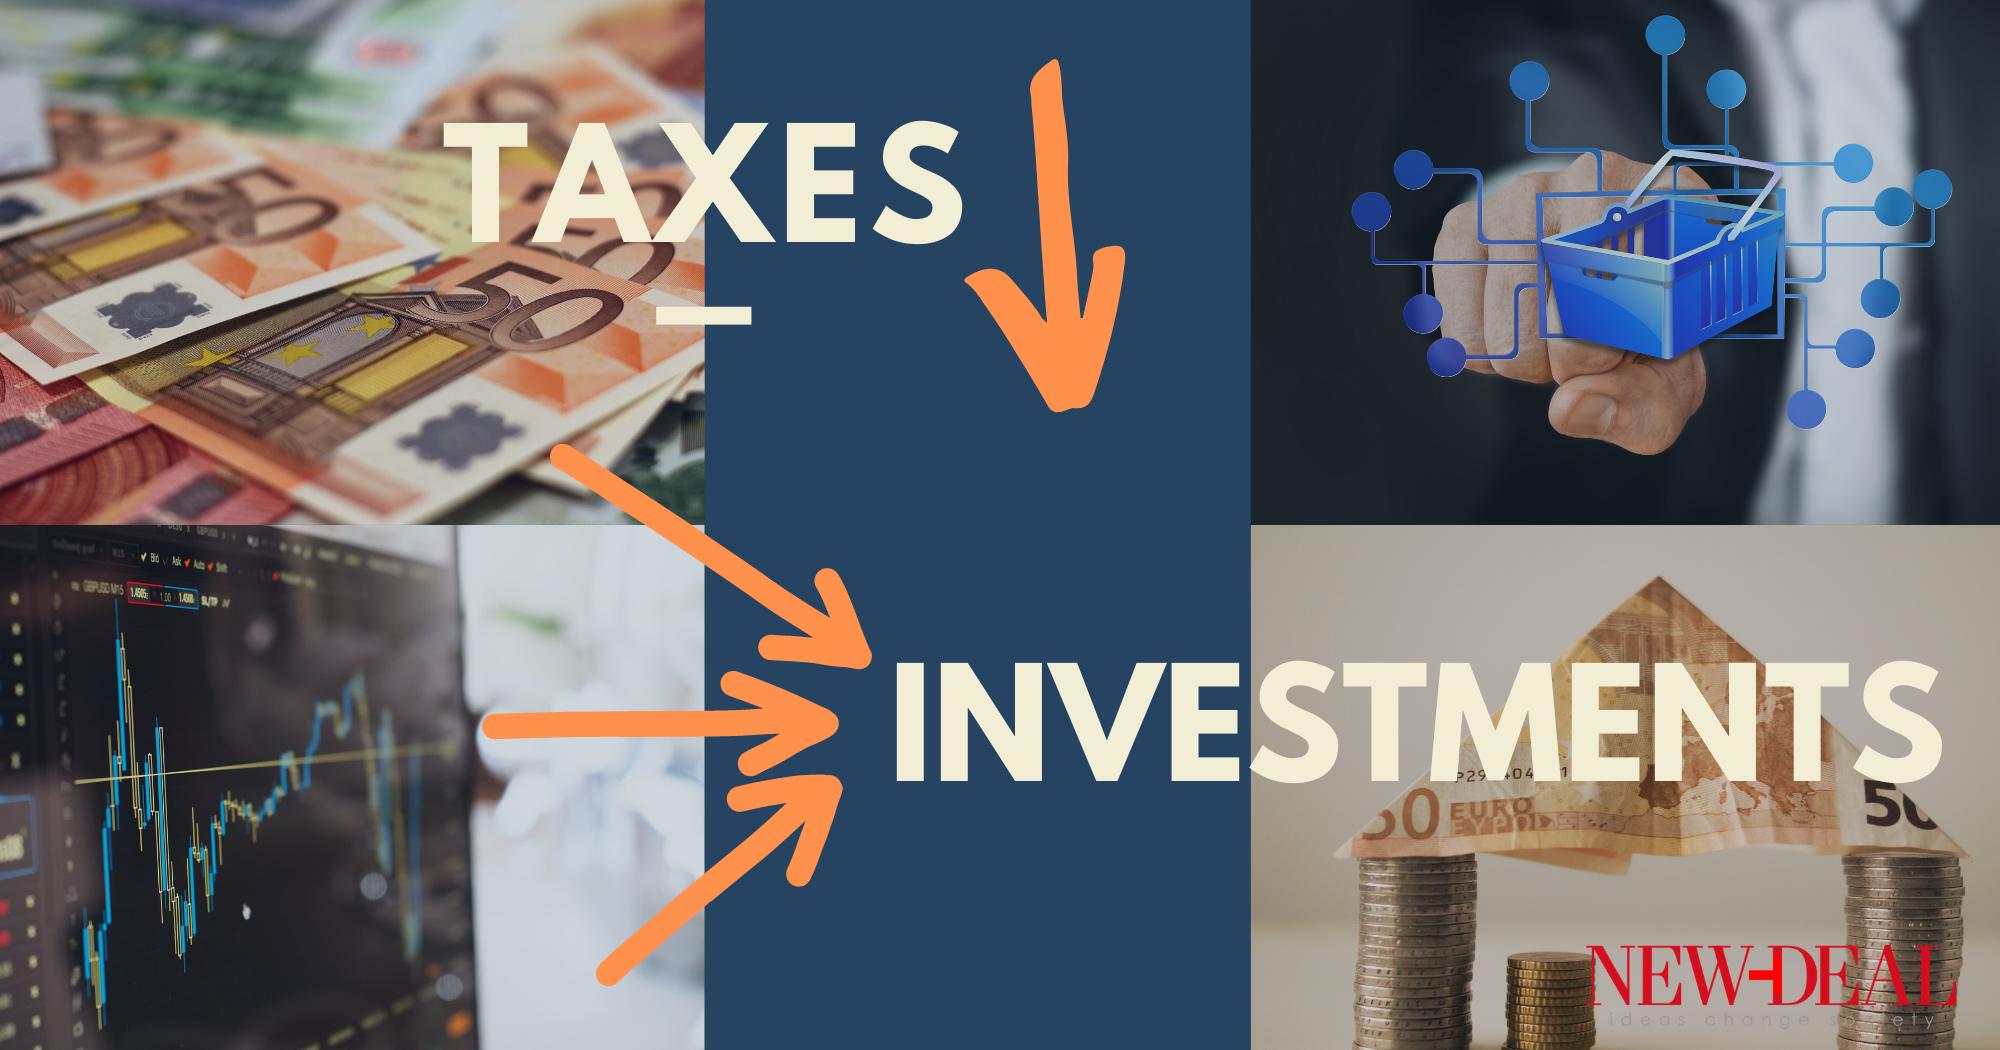 Η Κέλλυ Κοντογεώργη αναφέρεται στο νέο φορολογικό νομοσχέδιο με αναπτυξιακό πρόσημο που σύντομα θα ψηφιστεί από την Βουλή. Σκοπό έχει να προσελκύσει επενδύσεις και στοχευμένες φορολογικές απαλλαγές, ενώ ήδη βρίσκεται σε δημόσια διαβούλευση. new deal